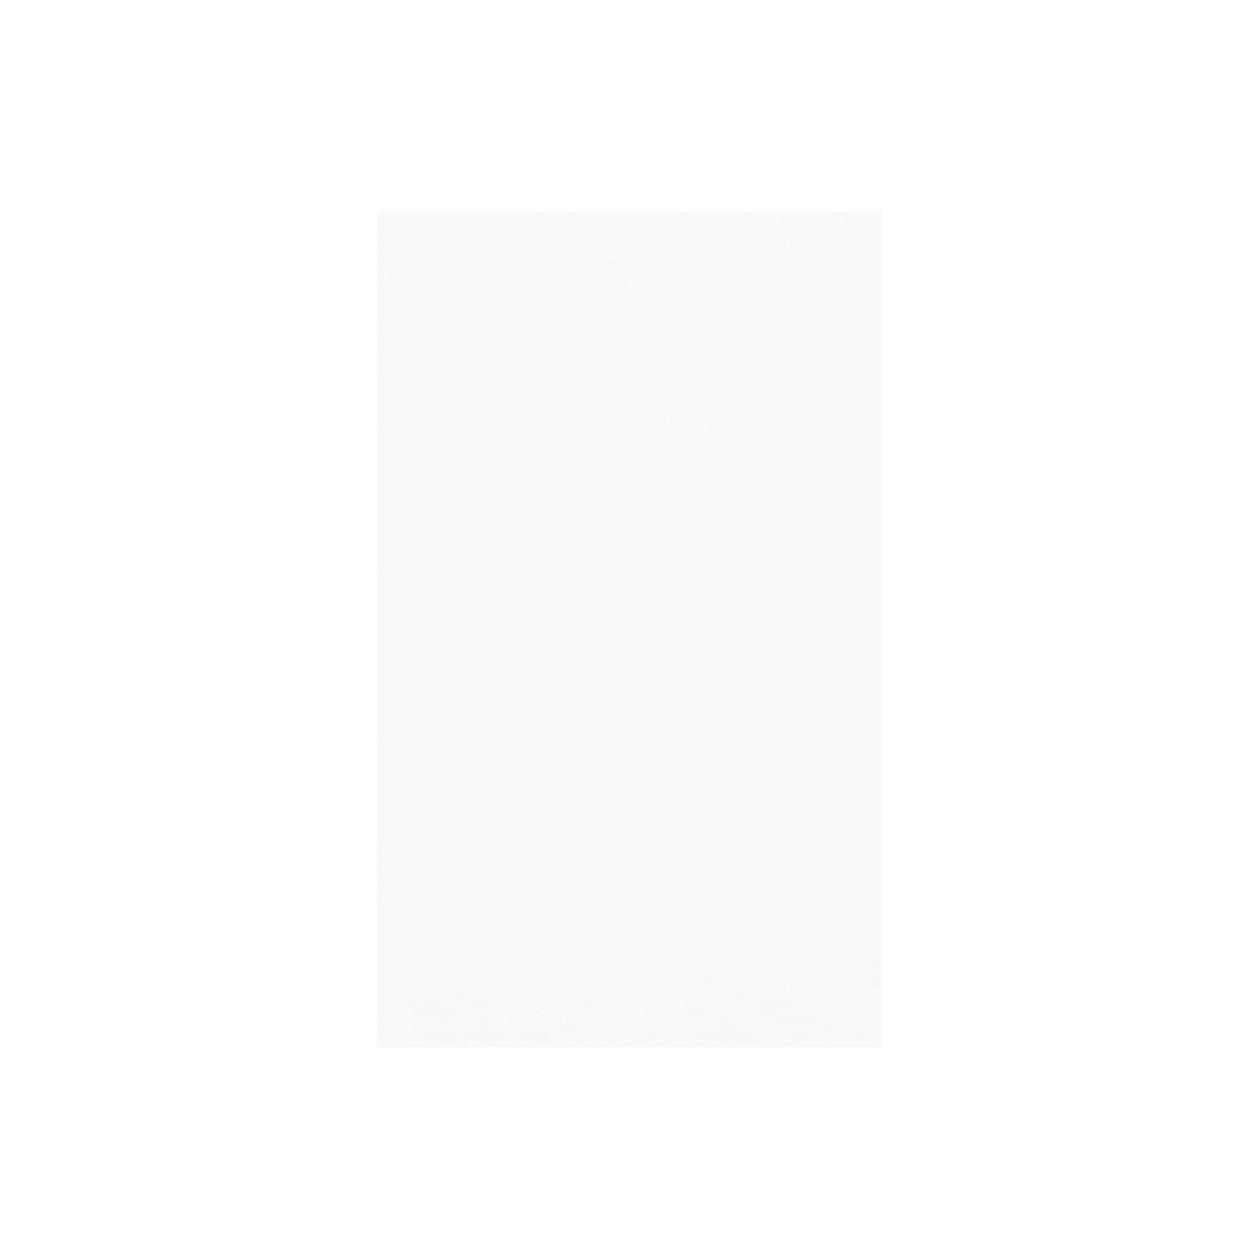 サンプル カード・シート 00496